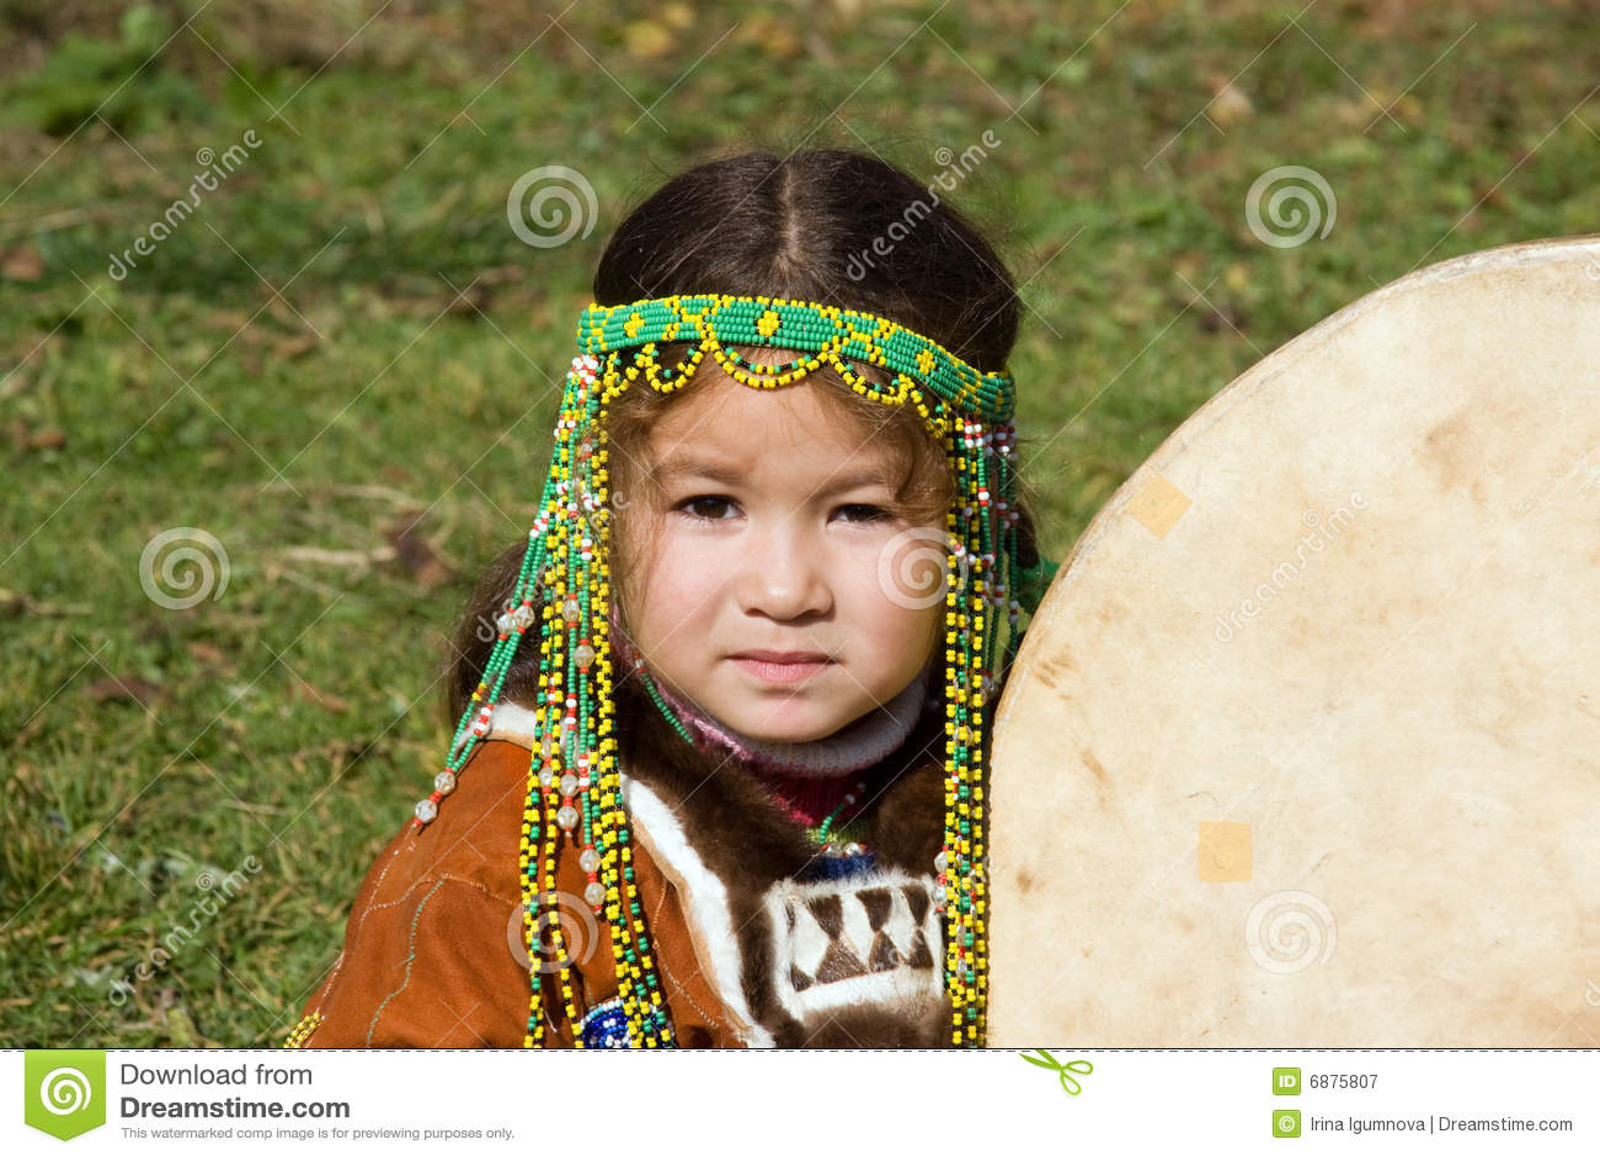 Фото красивых девушек чукчей 16 фотография